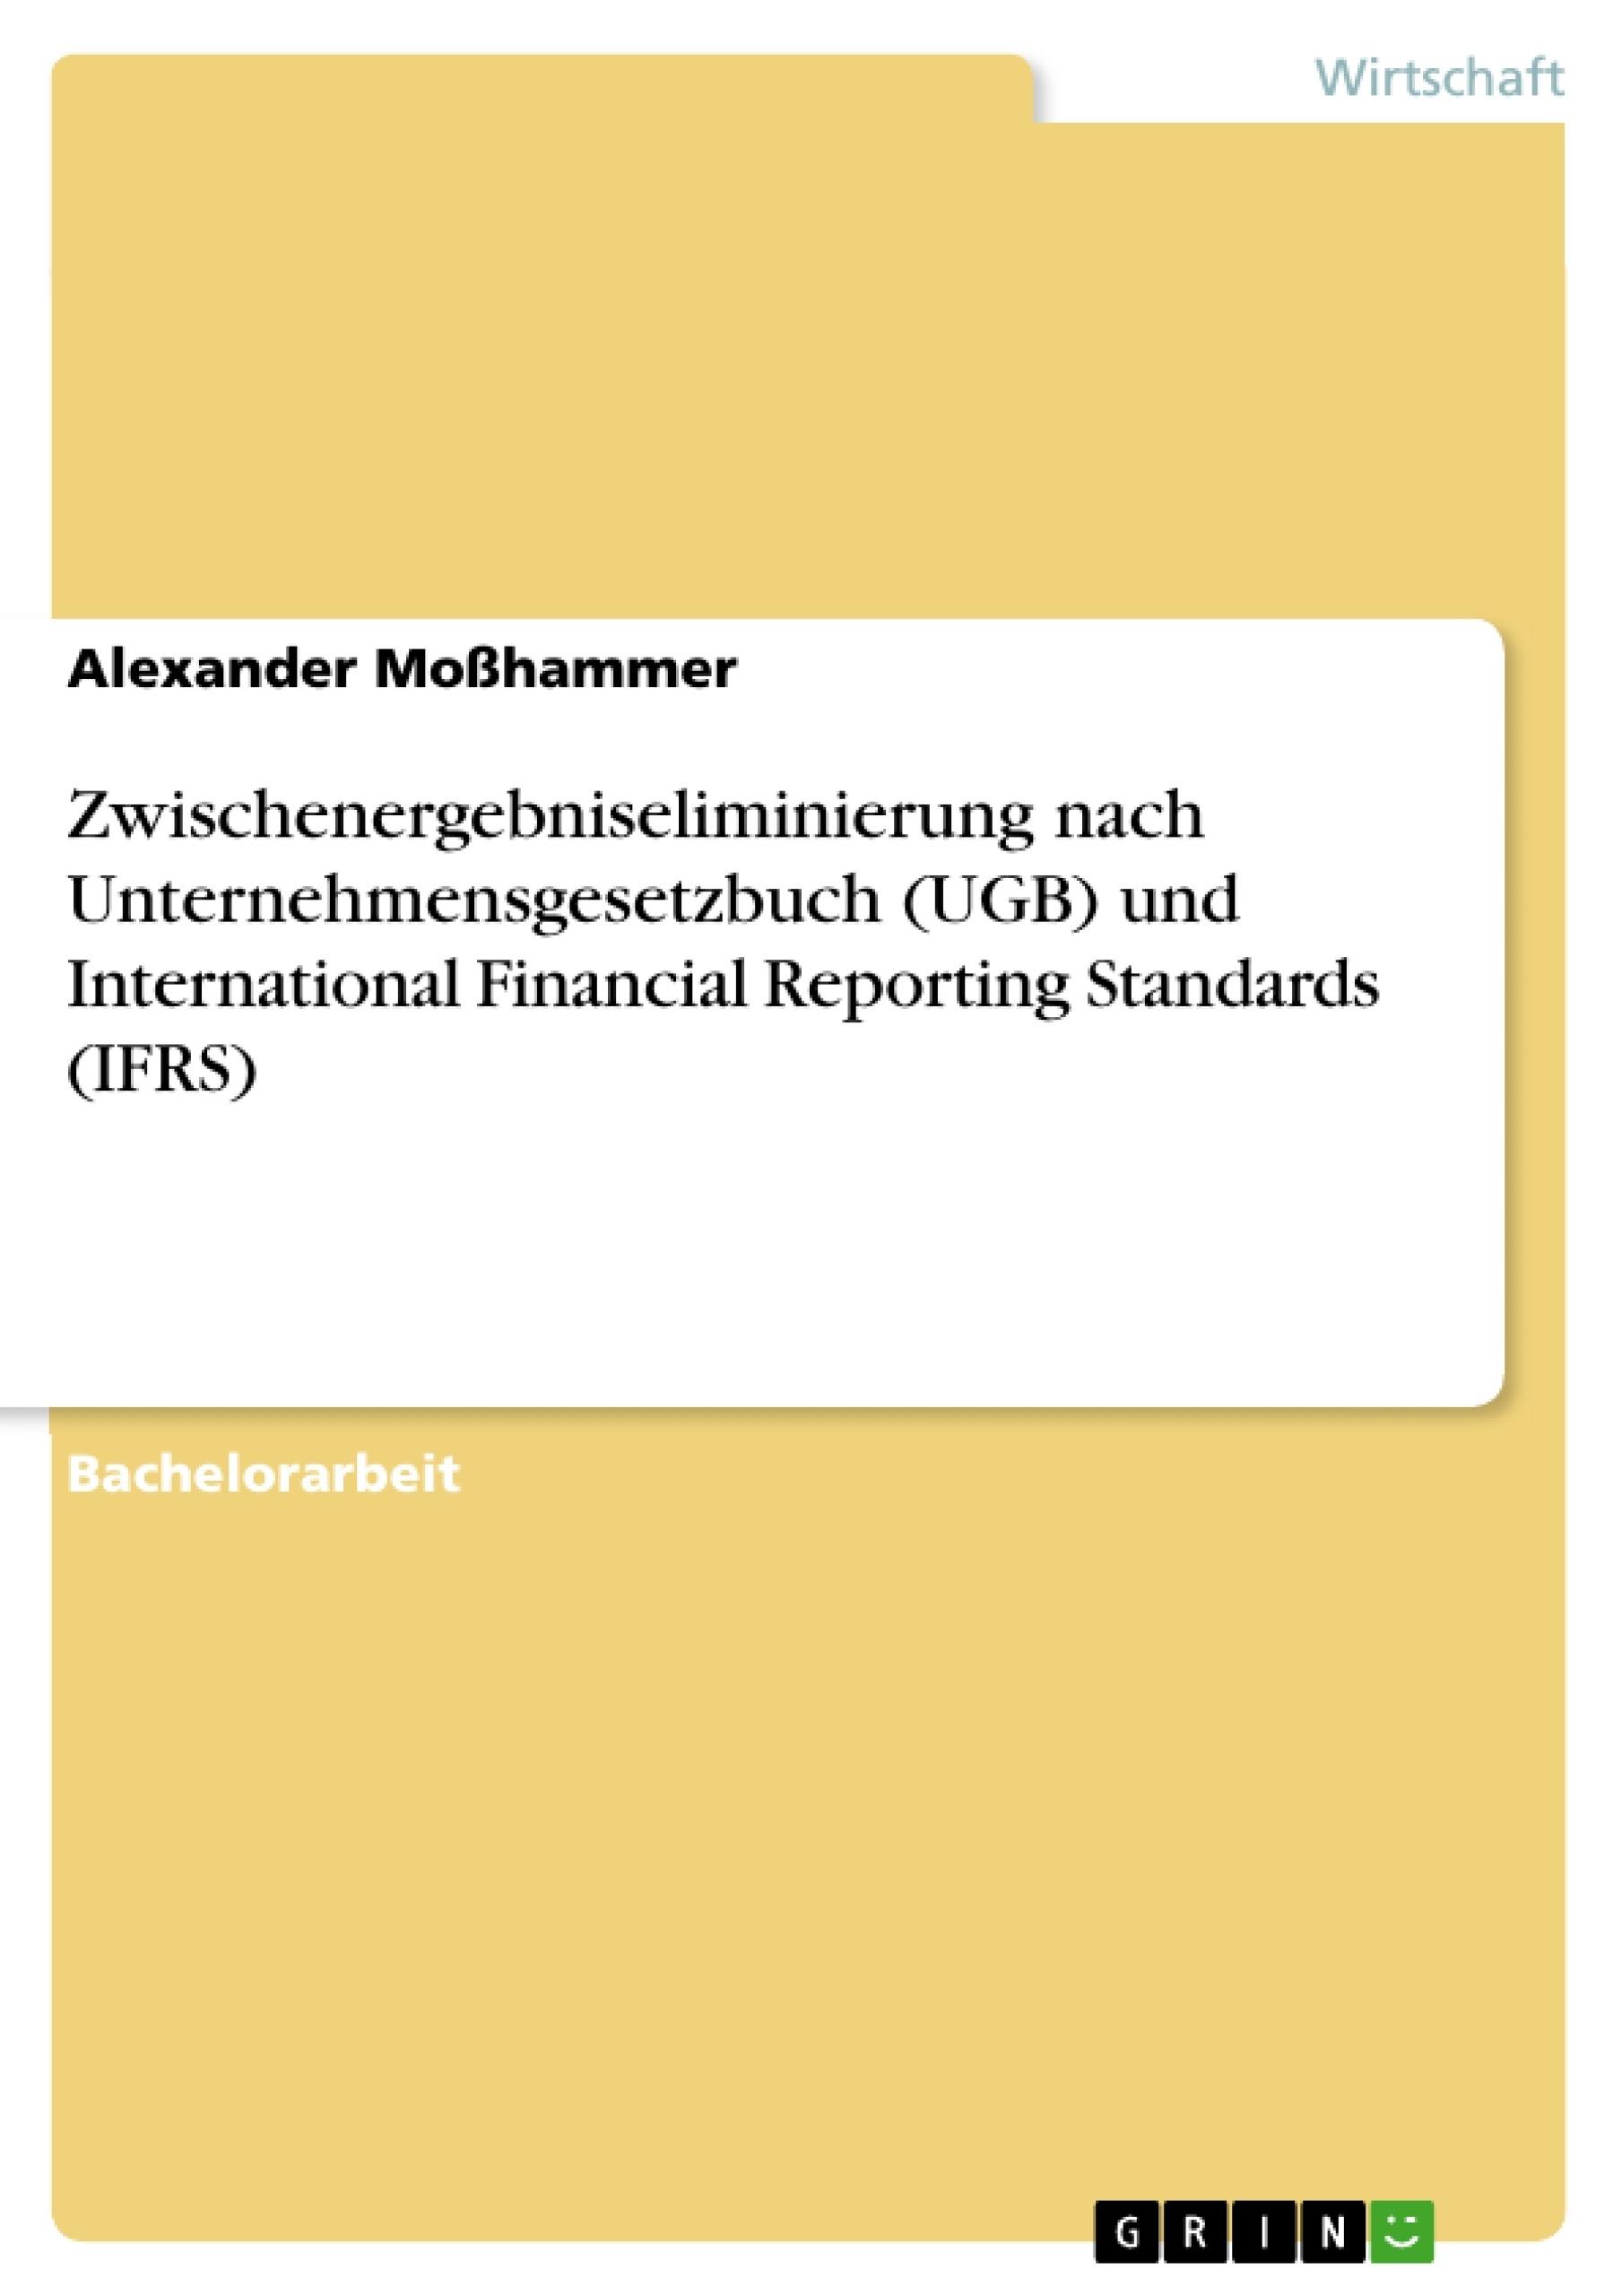 Titel: Zwischenergebniseliminierung nach Unternehmensgesetzbuch (UGB) und International Financial Reporting Standards (IFRS)